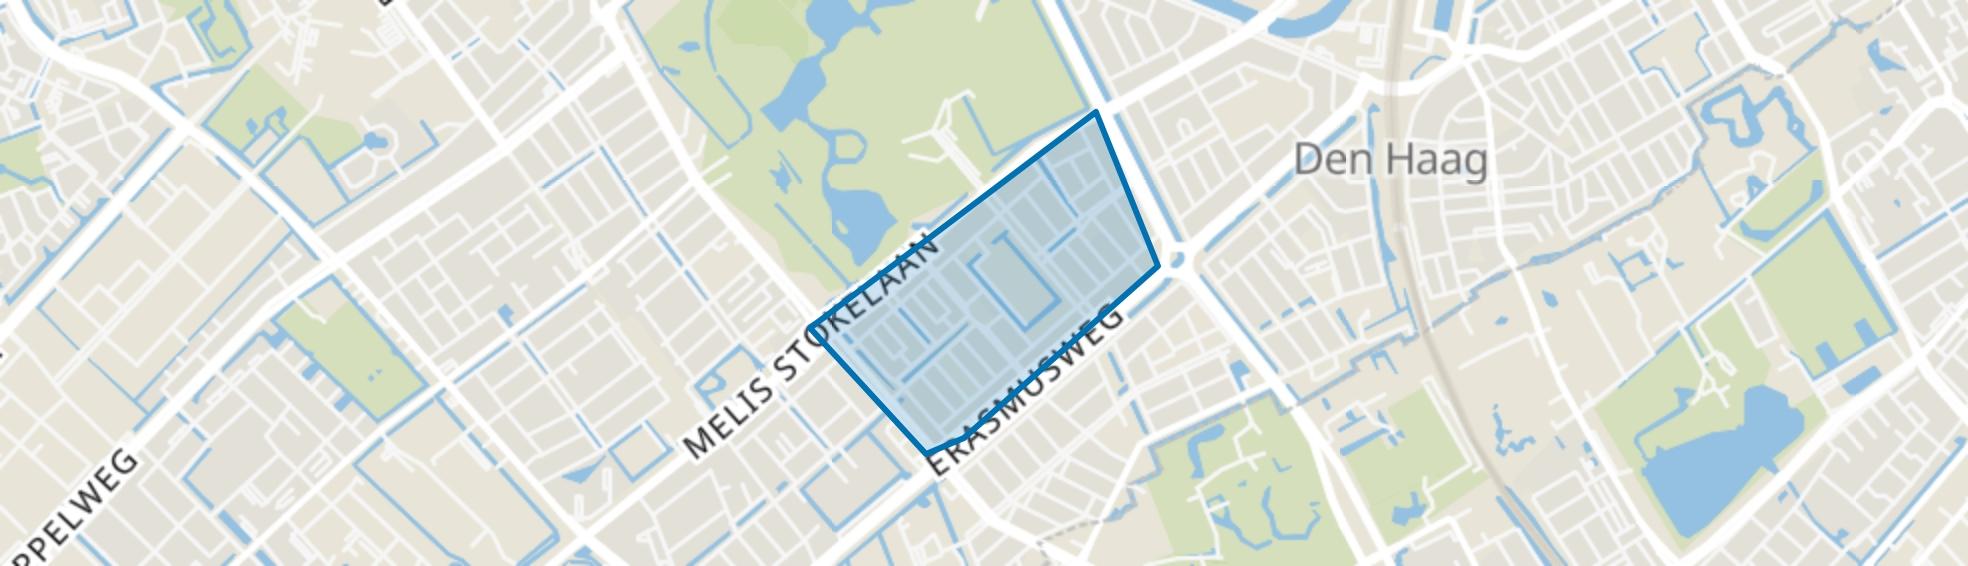 Moerwijk-West, Den Haag map